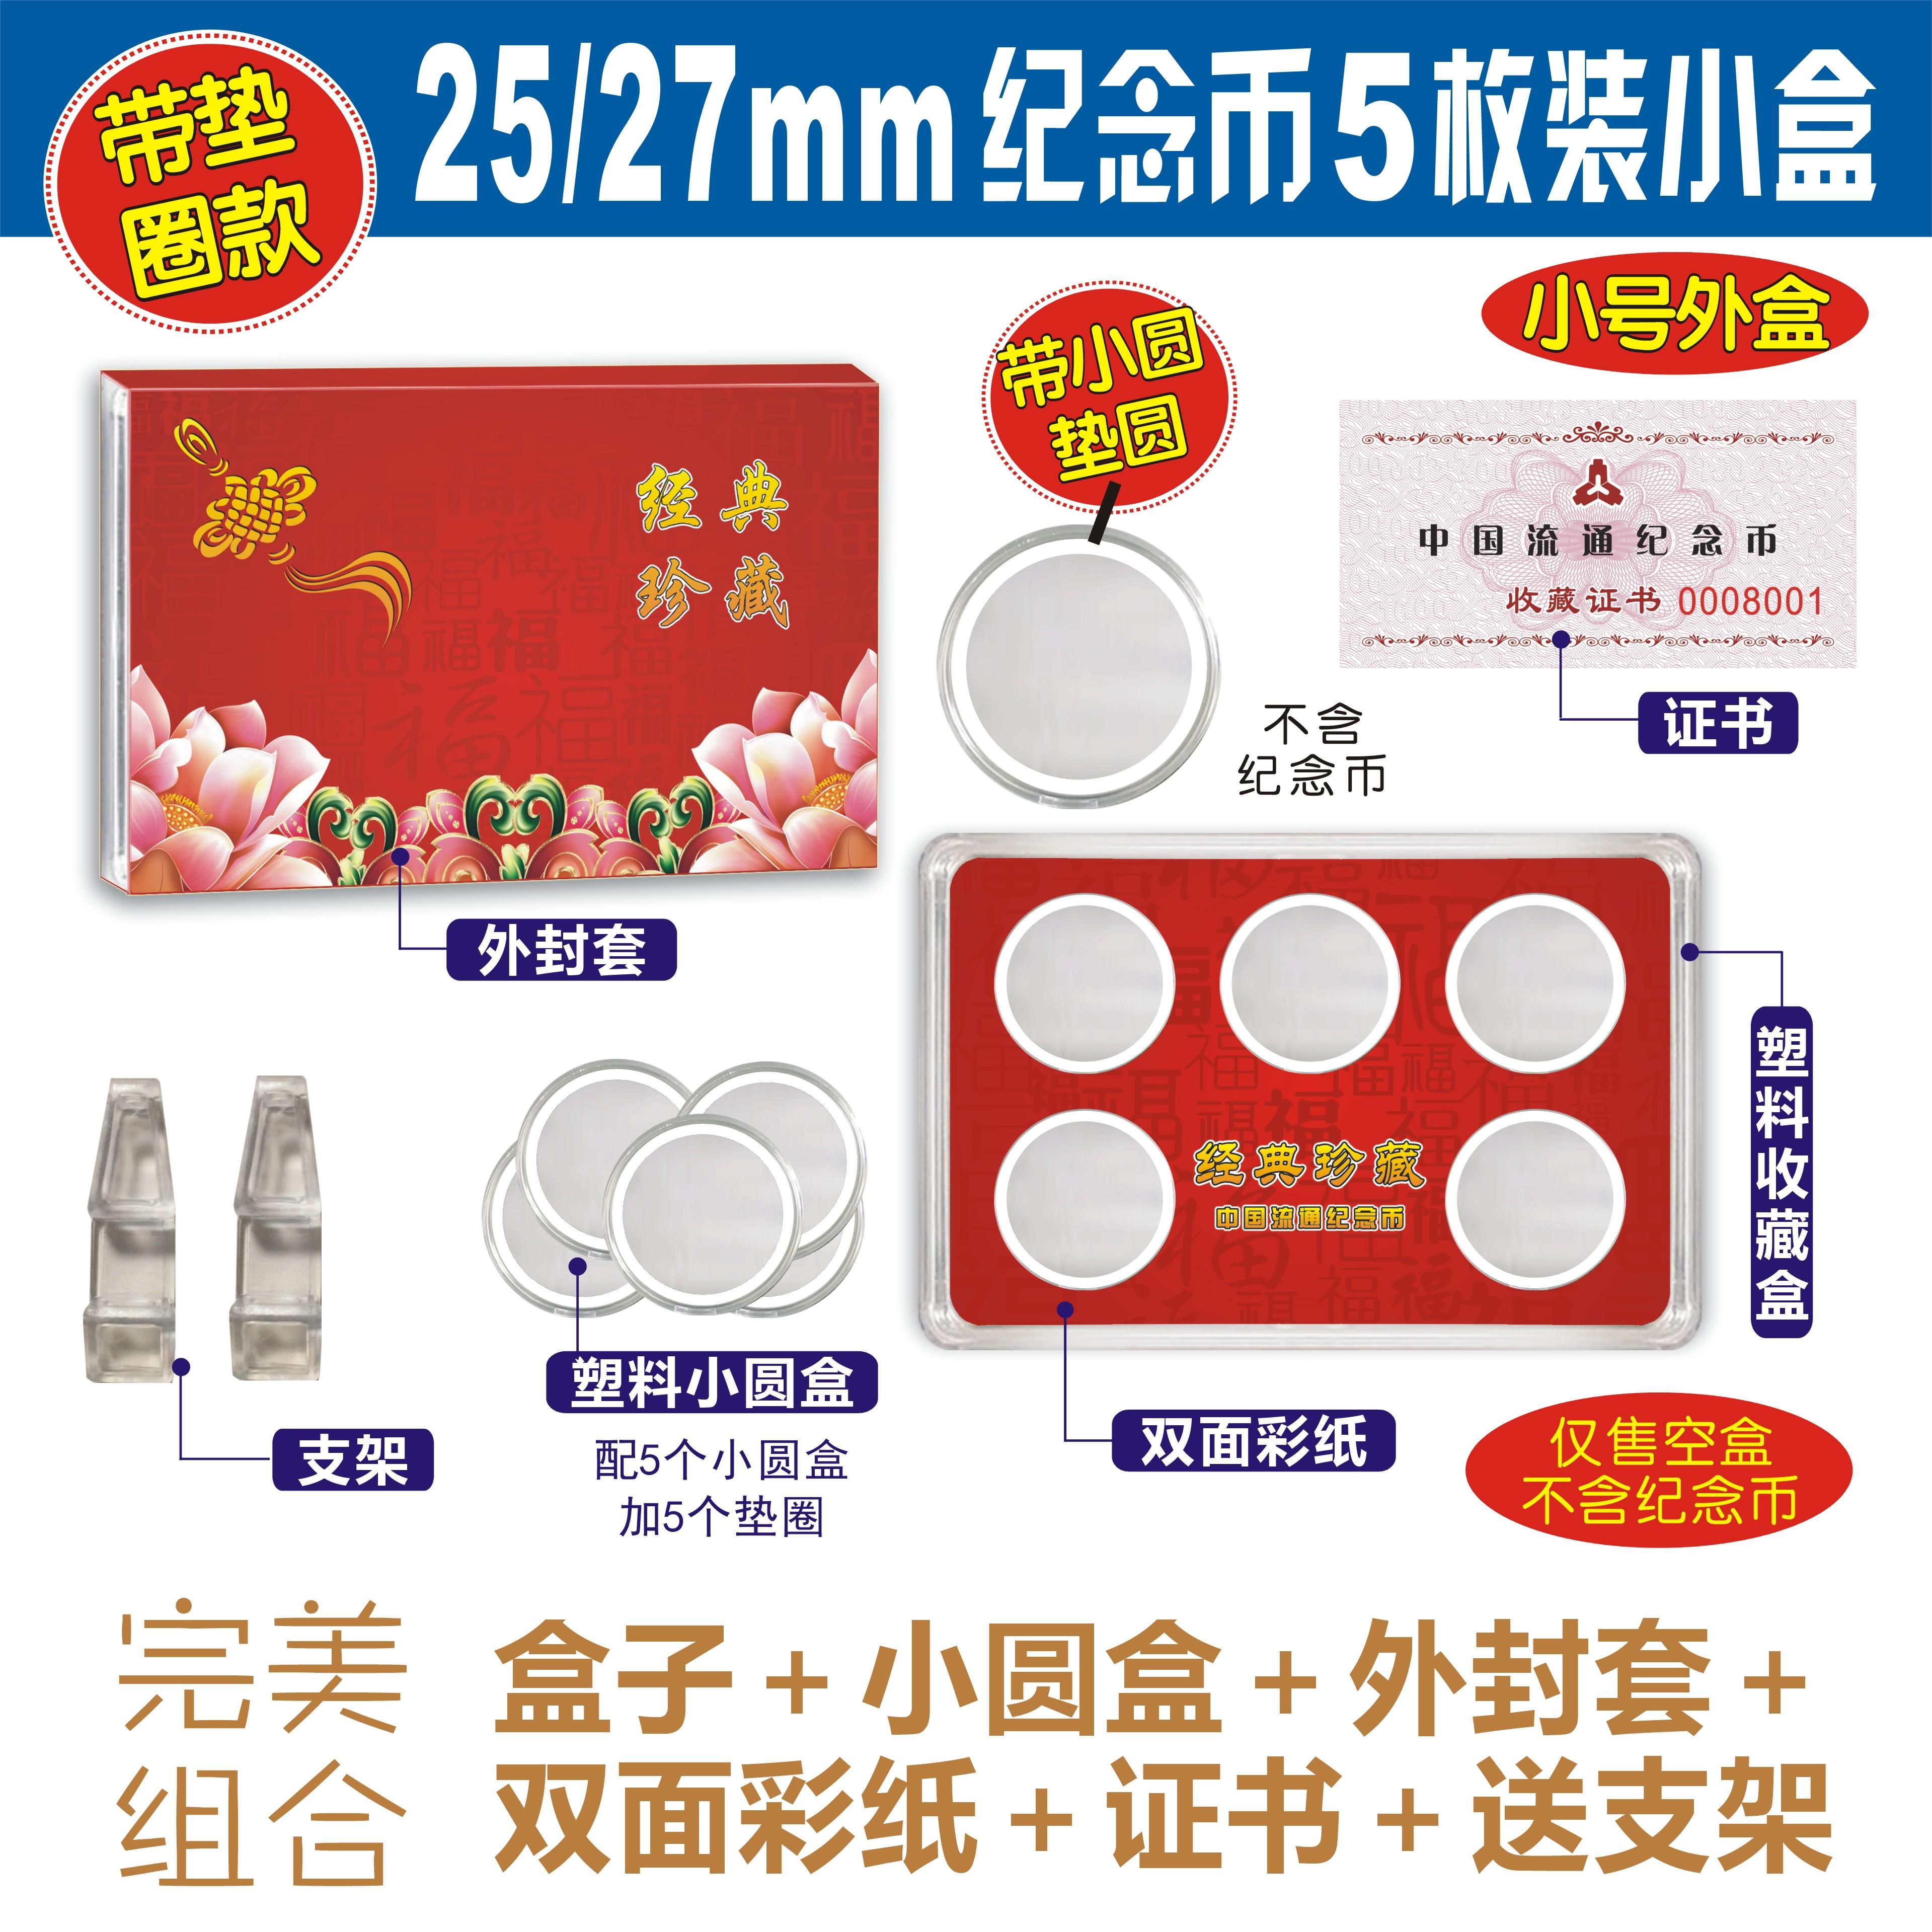 空盒 - 带垫圈款 - 25mm/27mm通用5枚装五枚装纪念币保护盒小圆盒